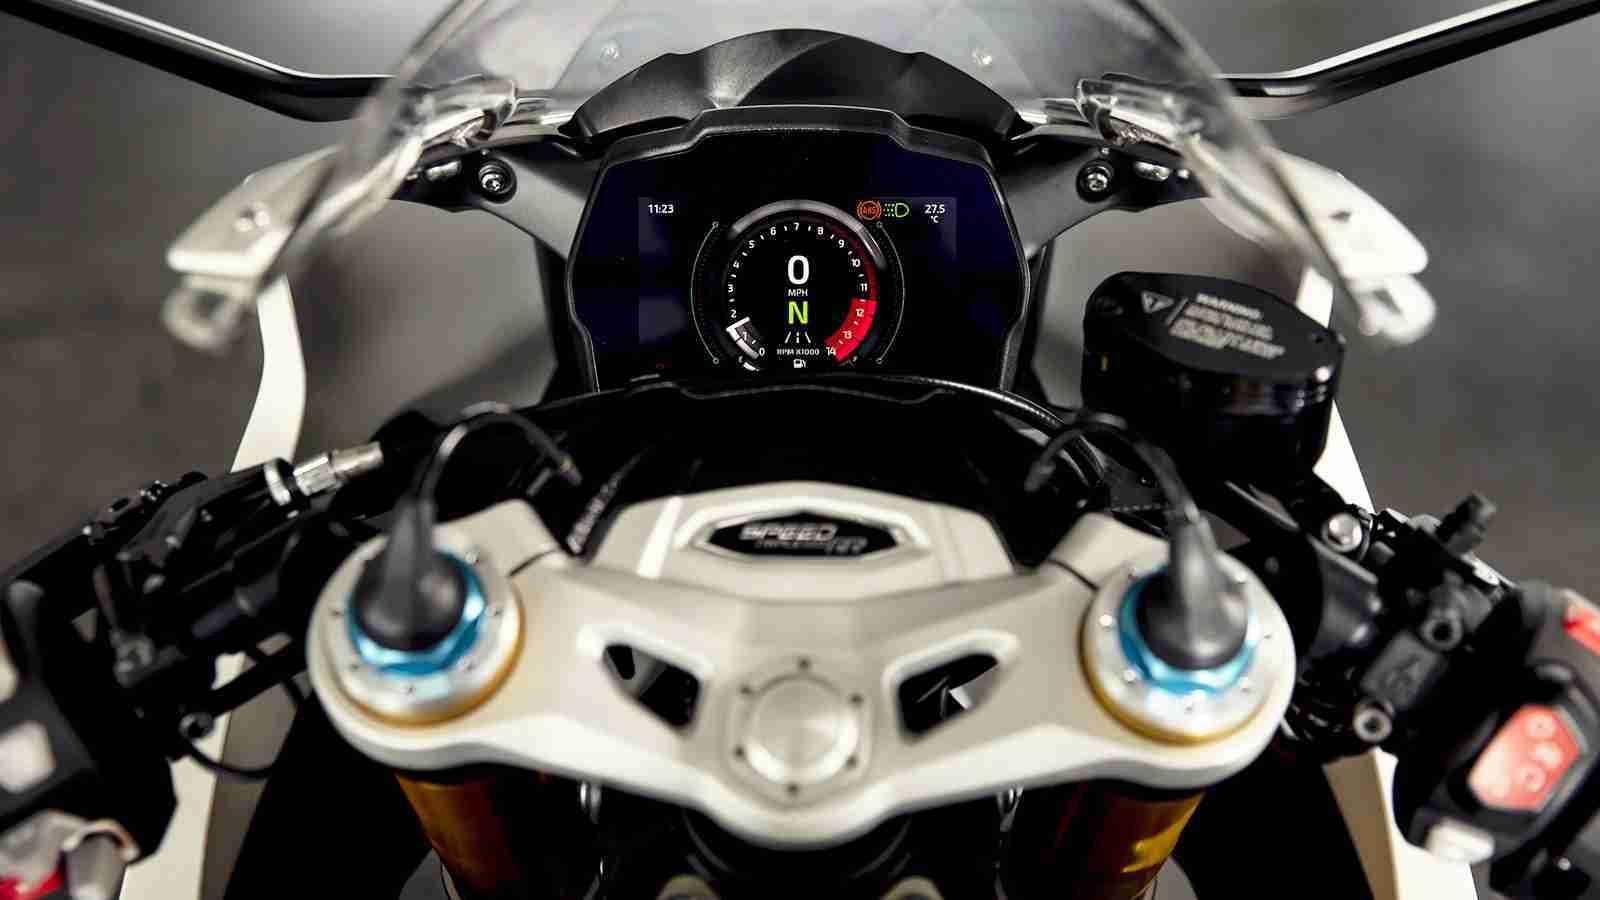 2022 Triumph Speed Triple 1200 RR cockpit